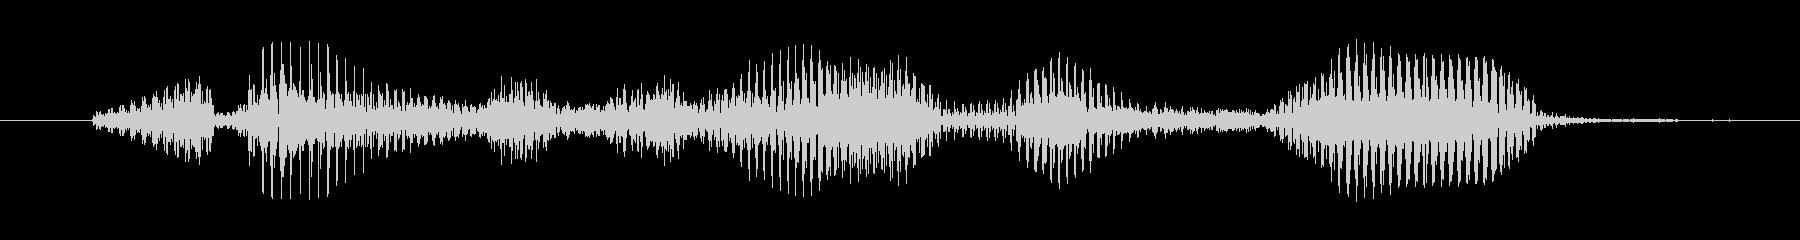 いらっしゃいませの未再生の波形